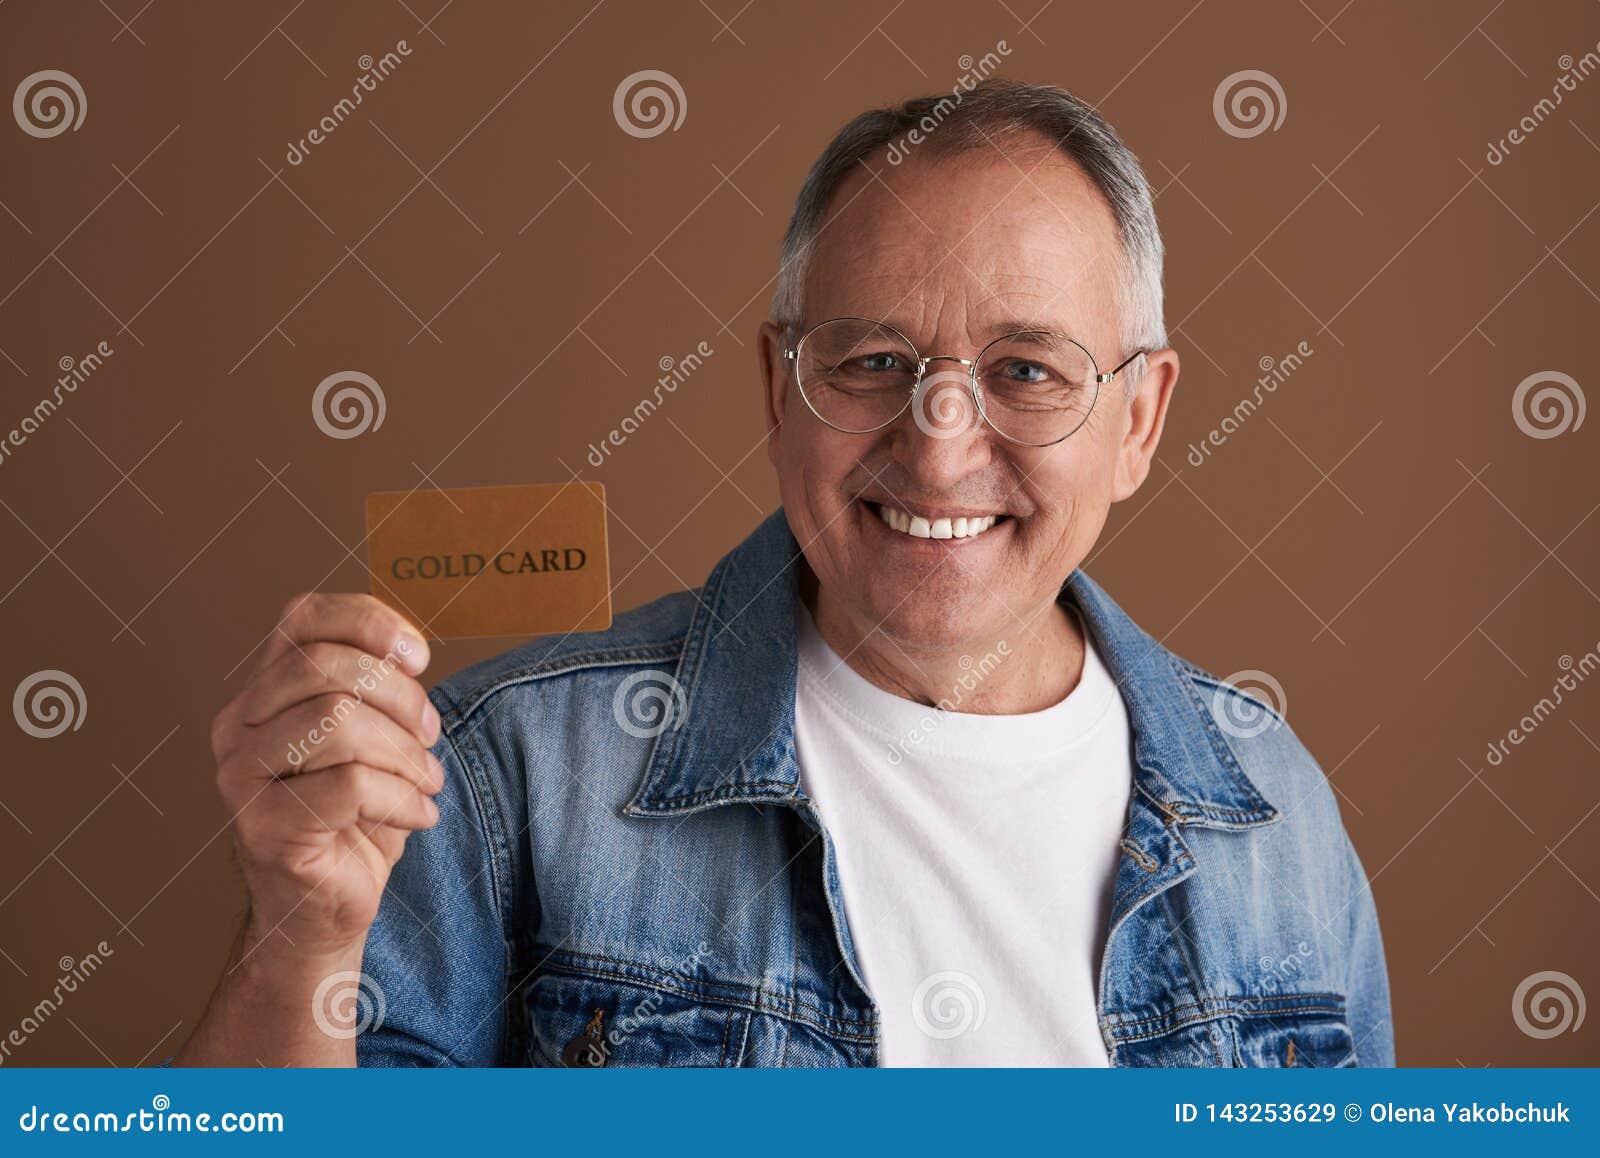 Εύθυμο άτομο που είναι υπερήφανο της χρυσών κάρτας και του χαμόγελού του